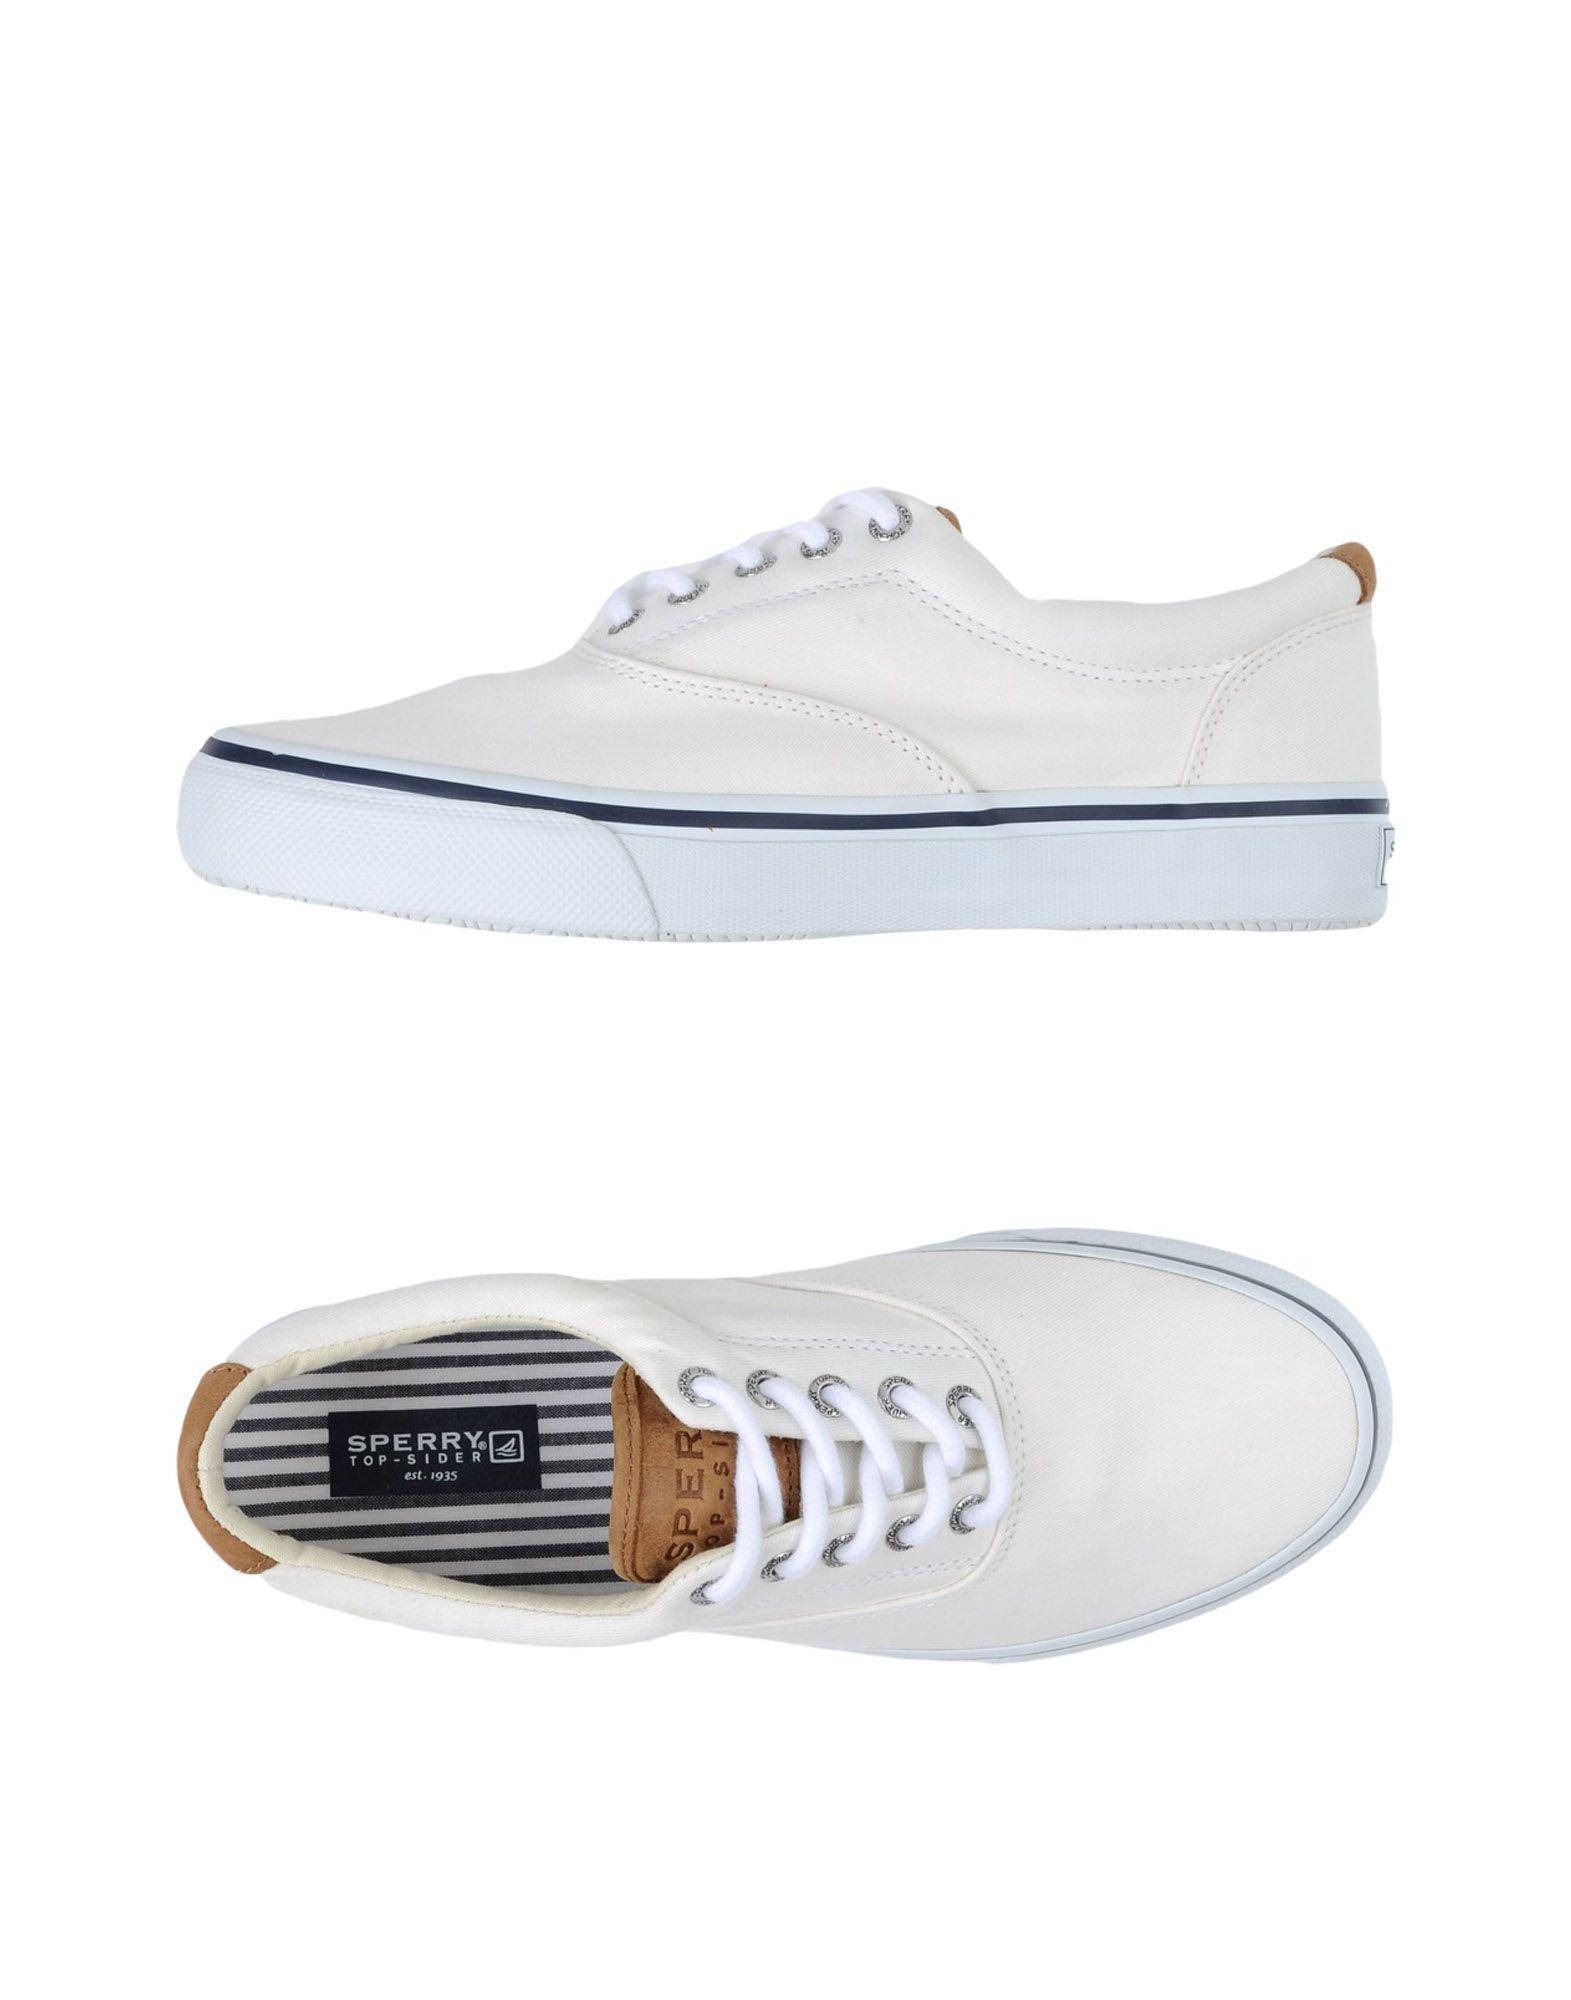 CHAUSSURES - BottesOpenClosedShoes ypkFX